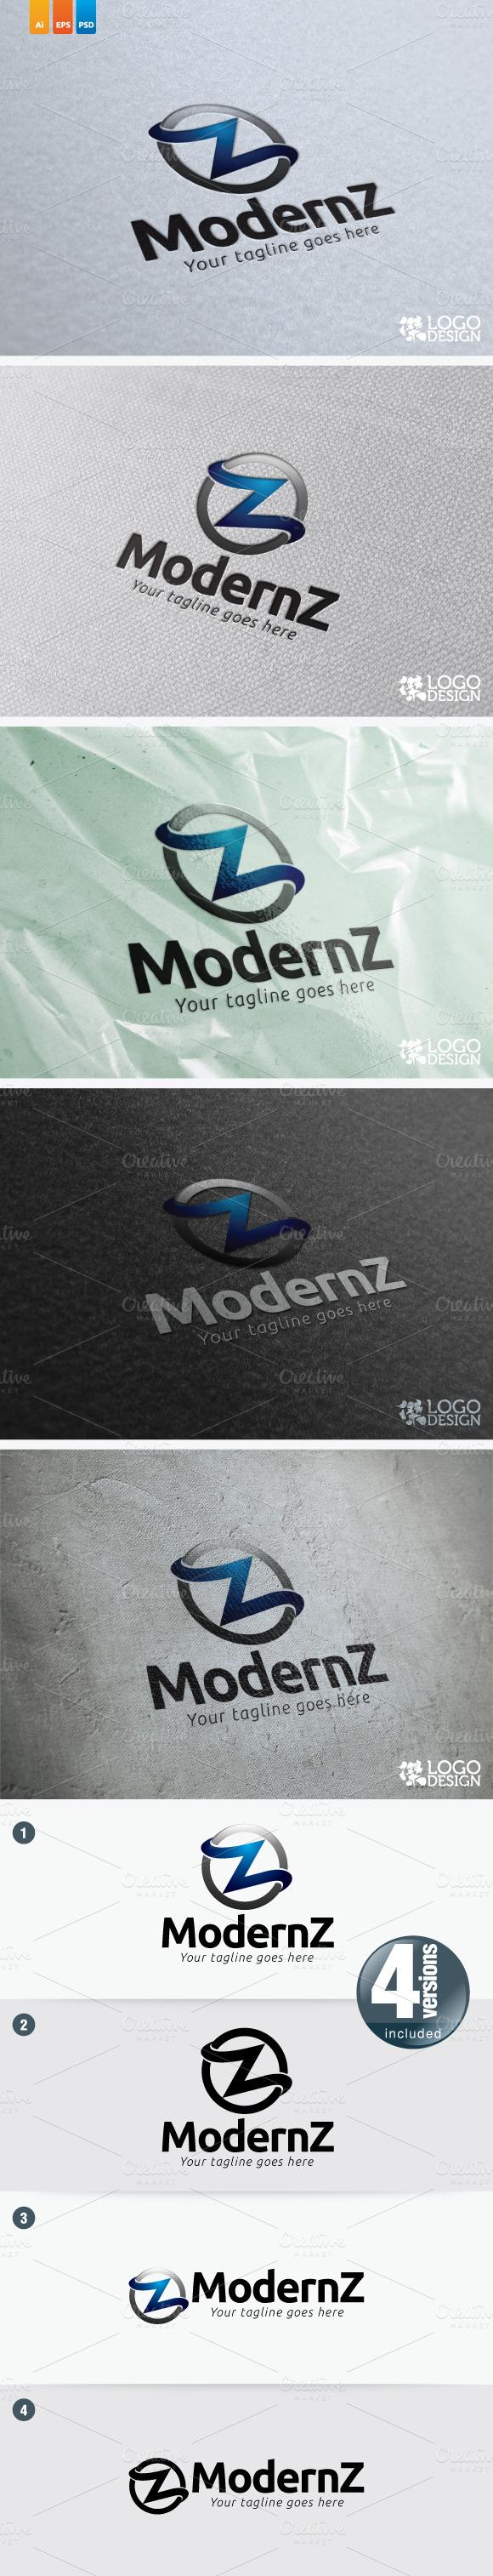 Modern Z